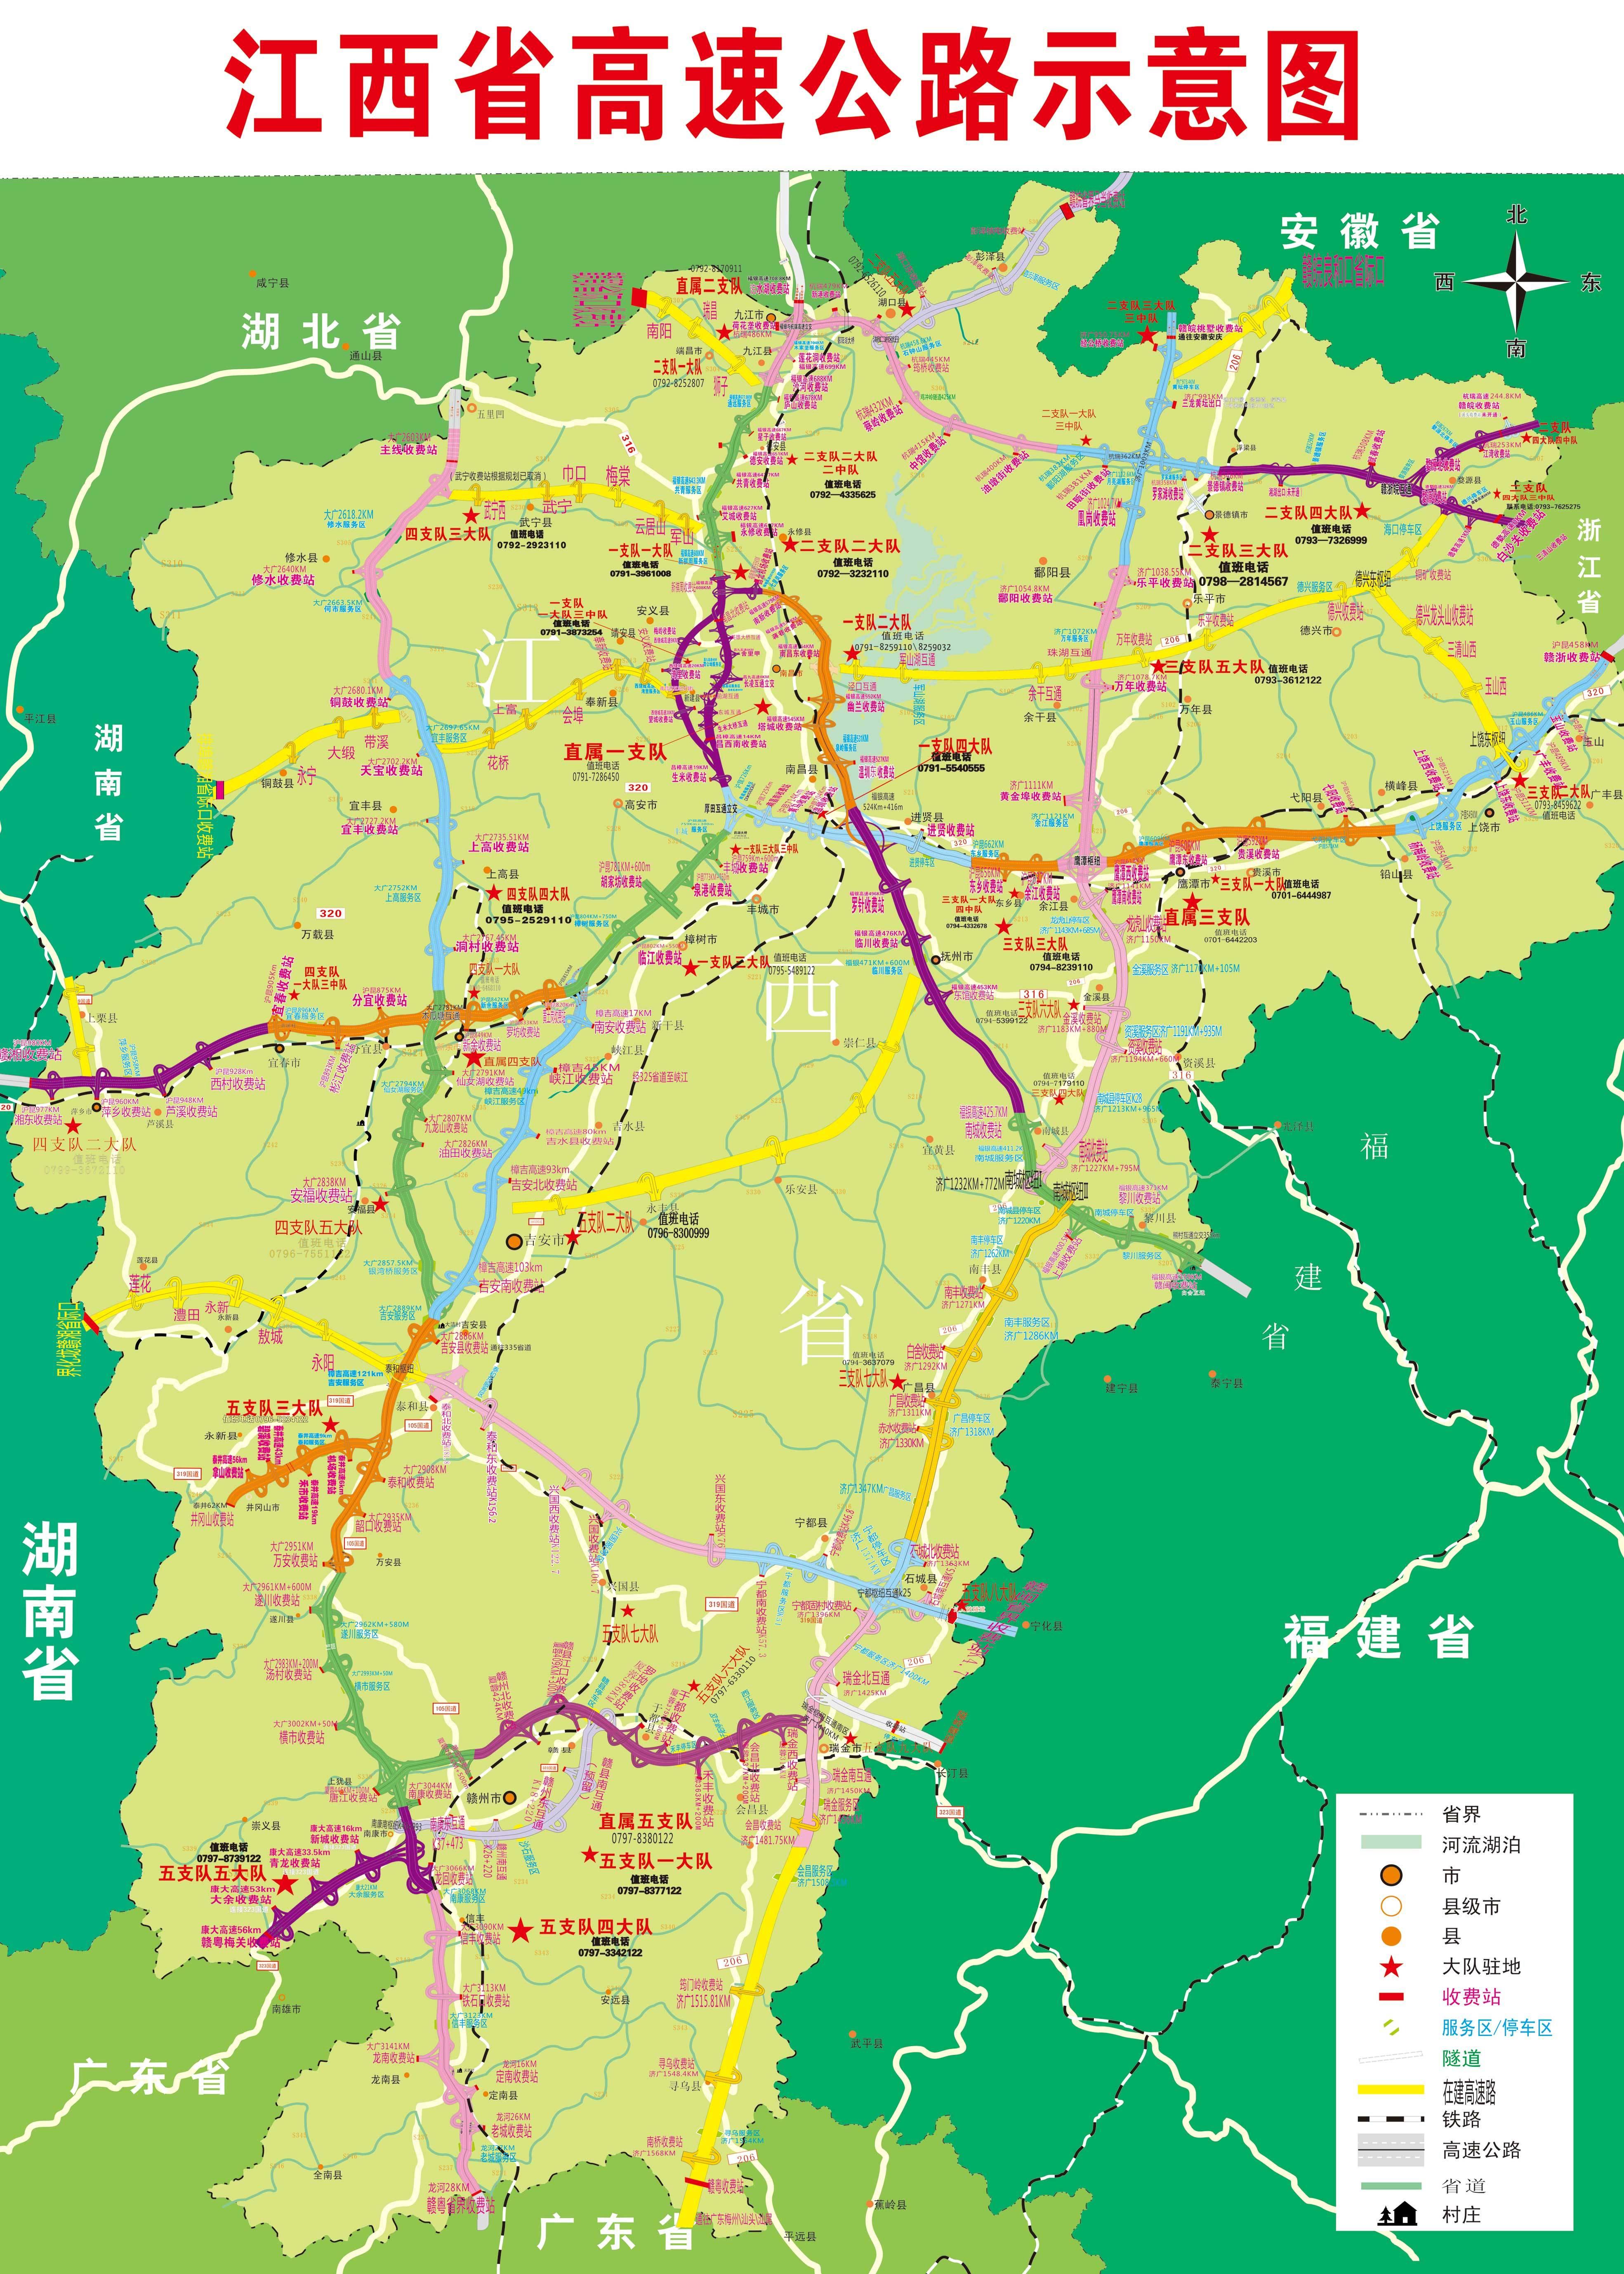 通车的高速公路详细列表如下: 路线编码 路线名称 经江西省的路段